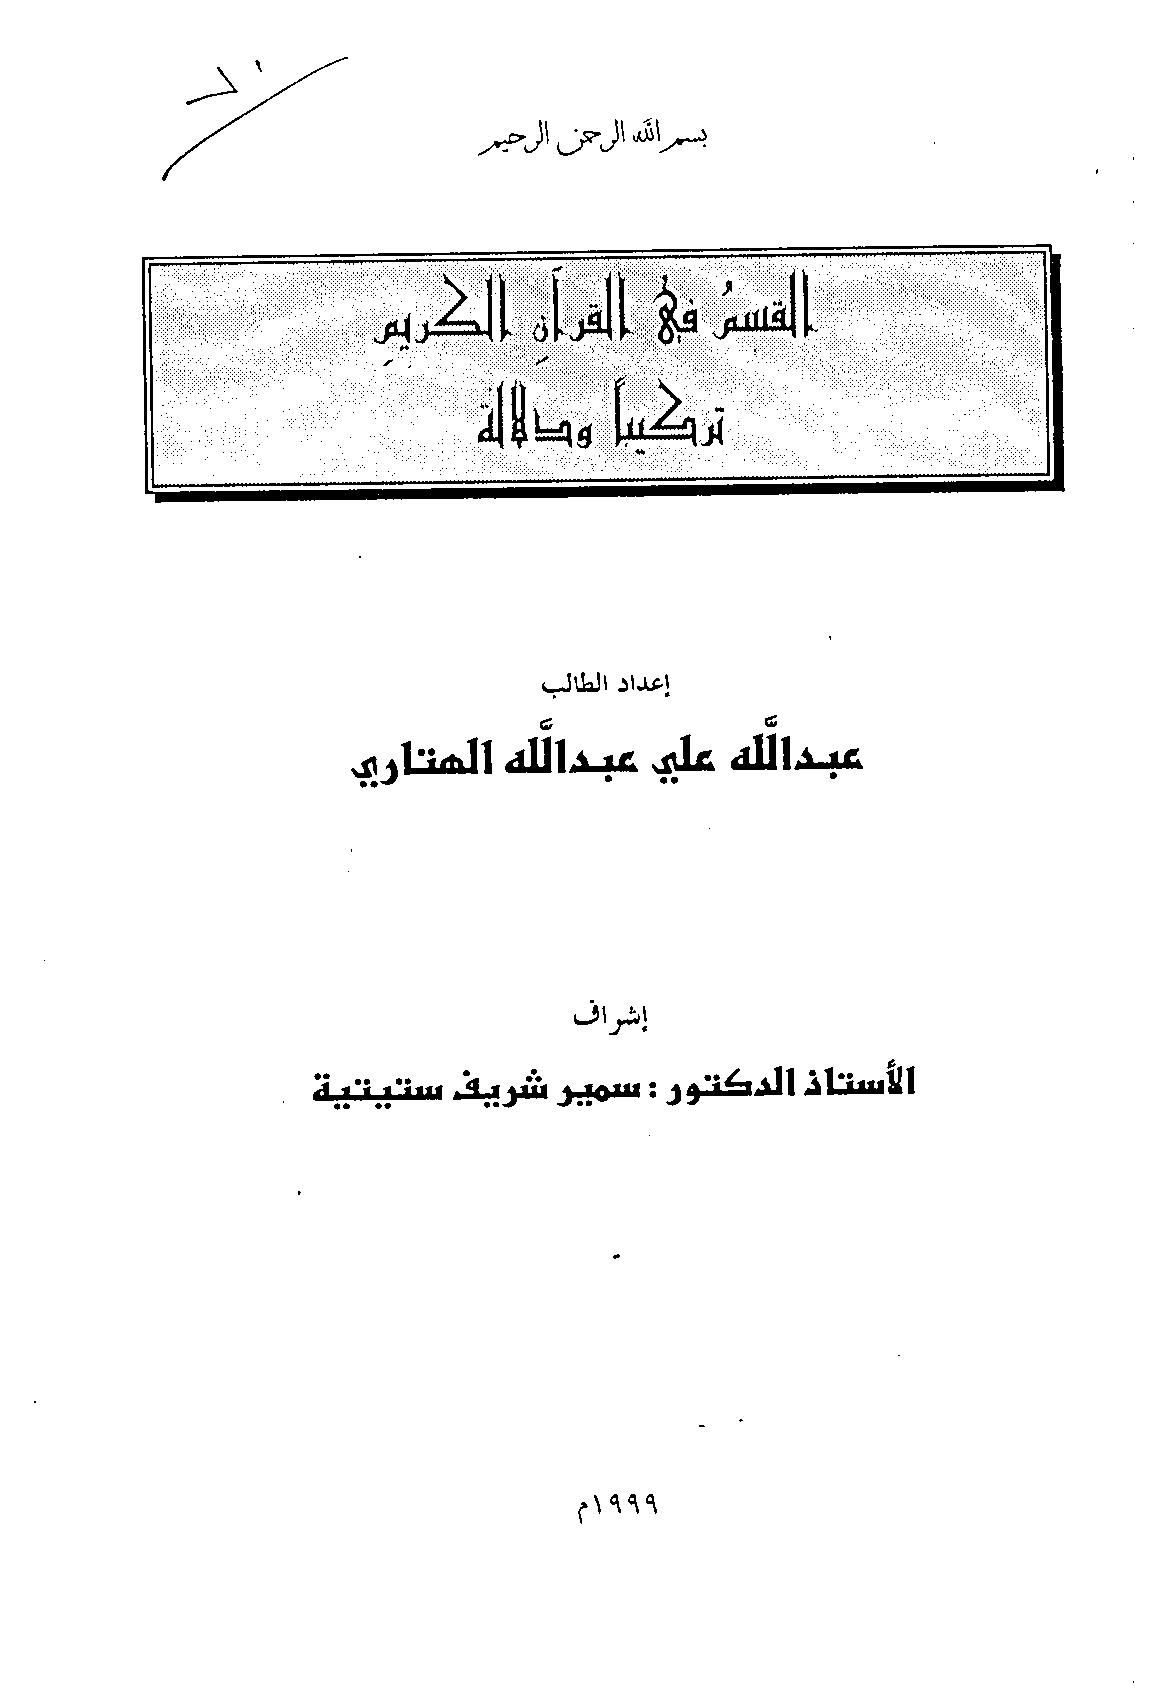 تحميل كتاب القسم في القرآن الكريم تركيبًا ودلالة لـِ: الدكتور عبد الله علي عبد الله الهتاري